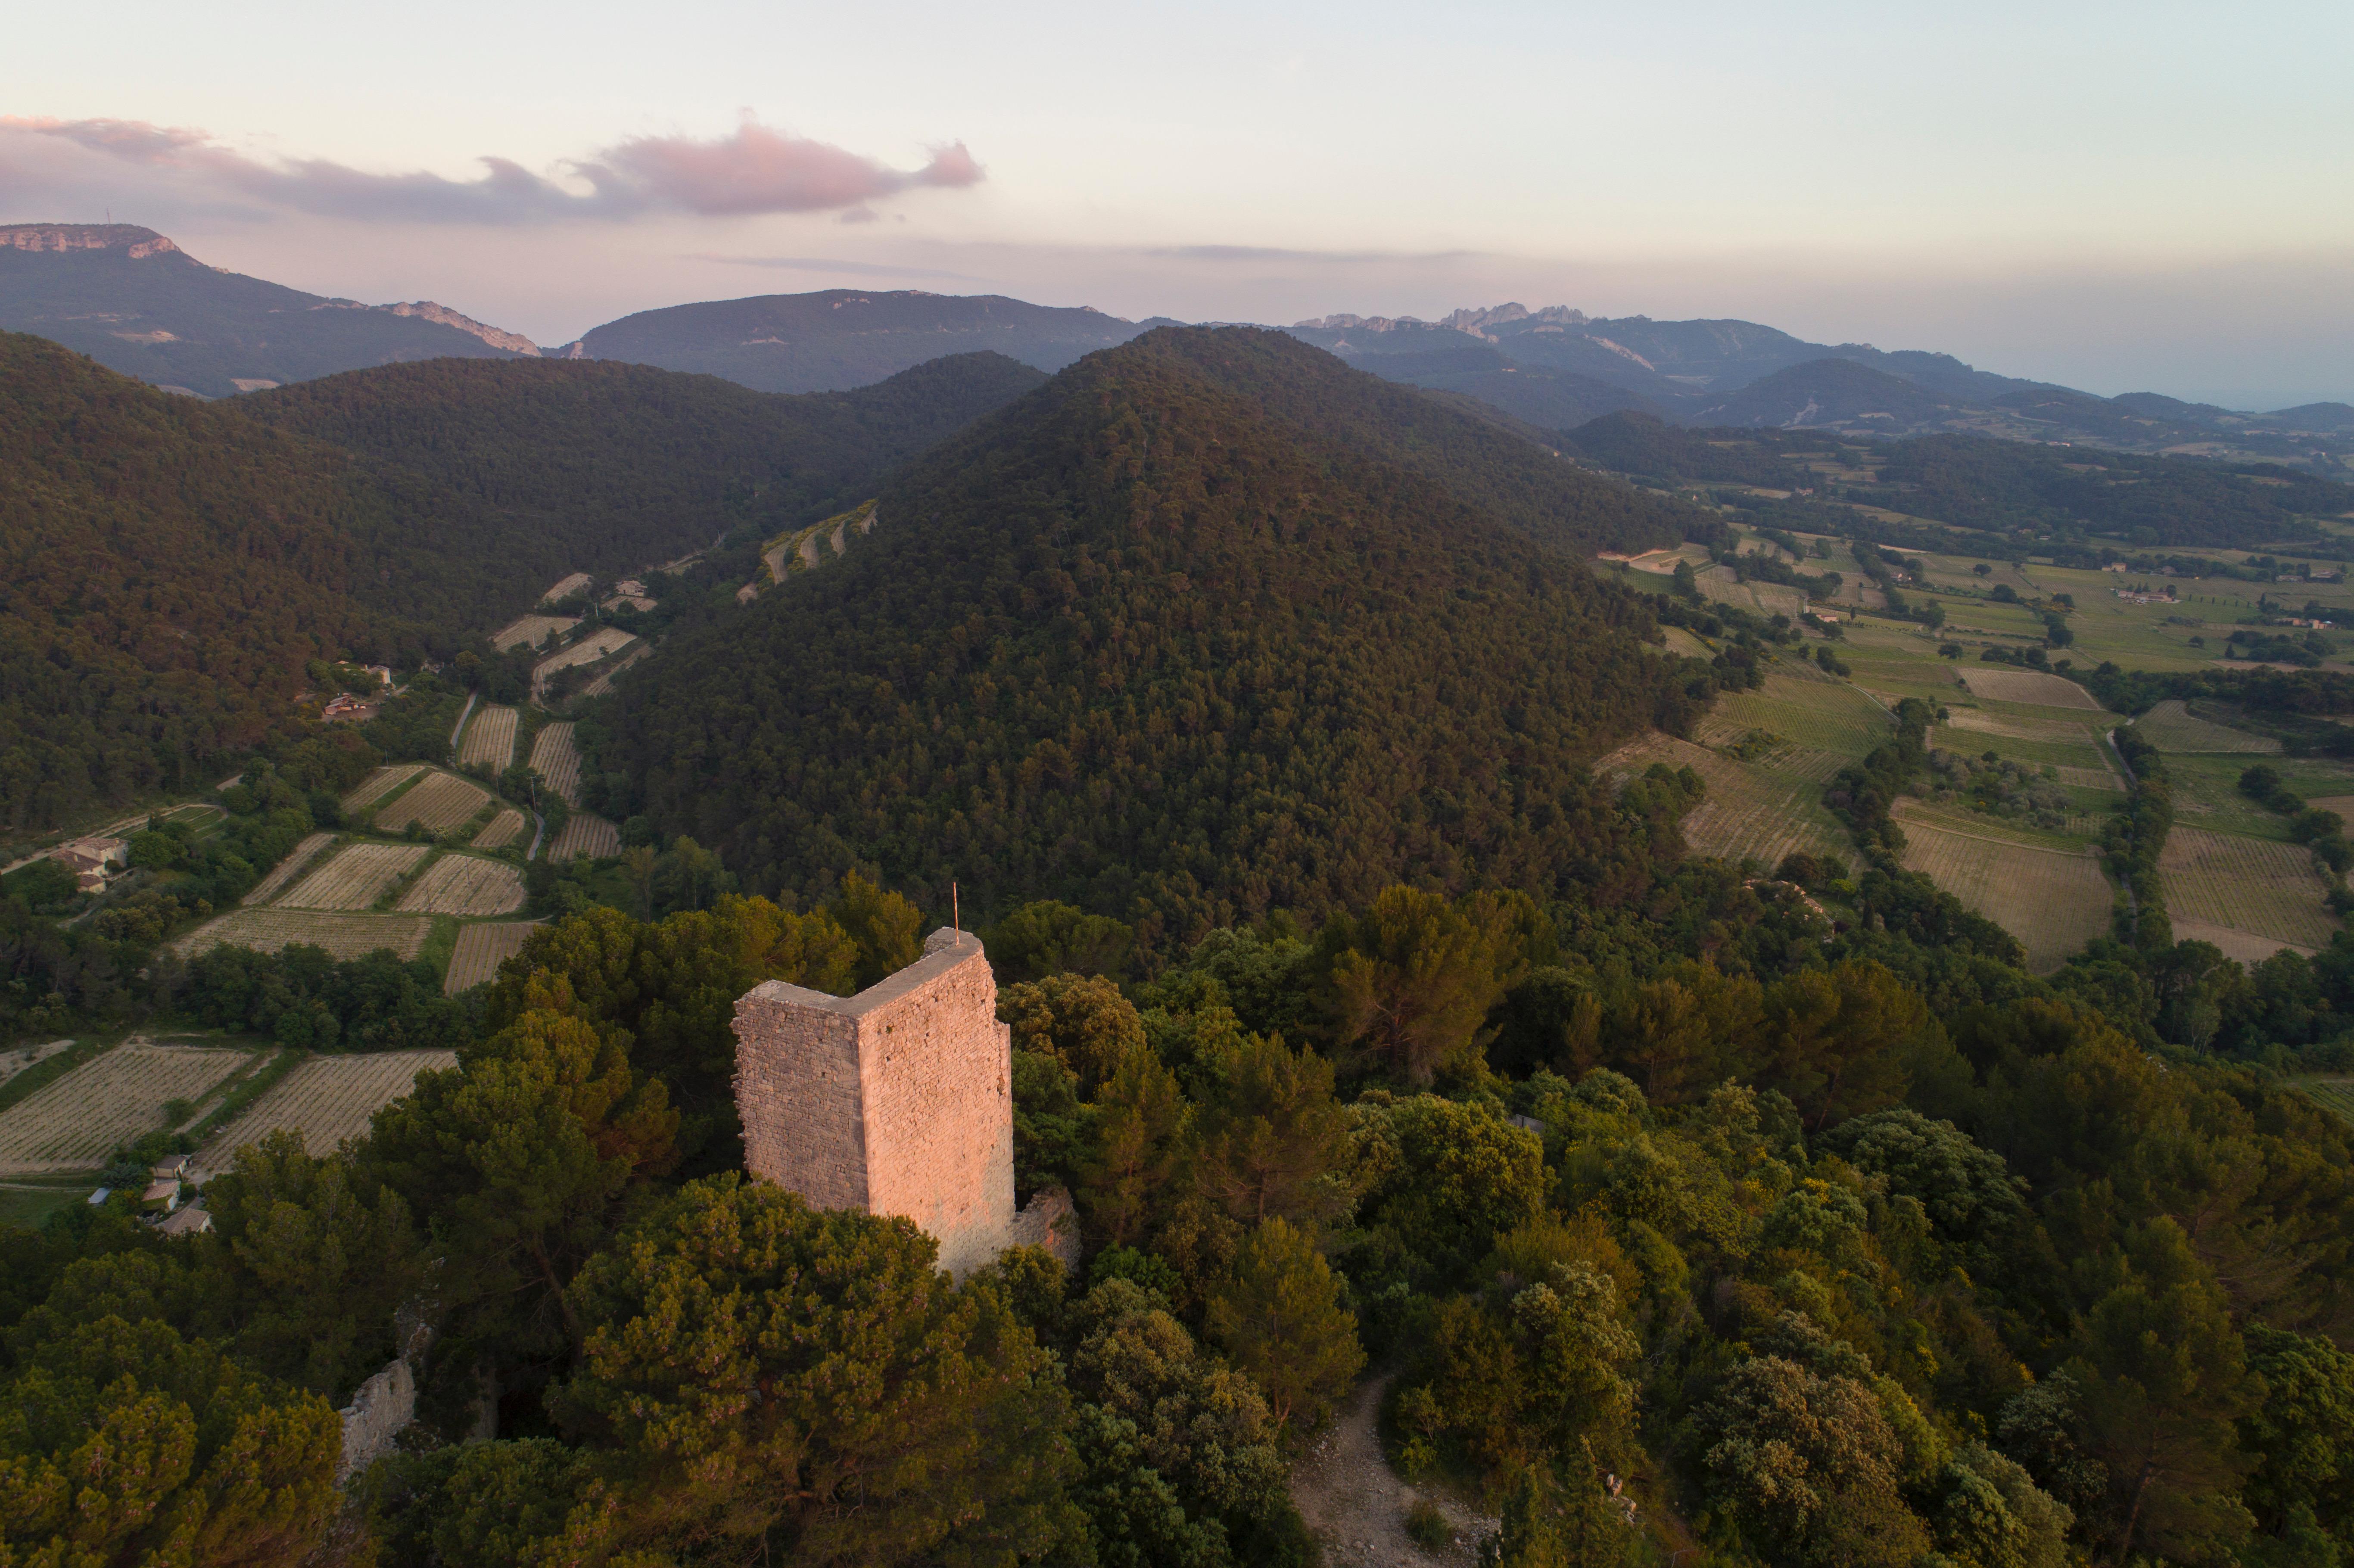 Séguret's chateau